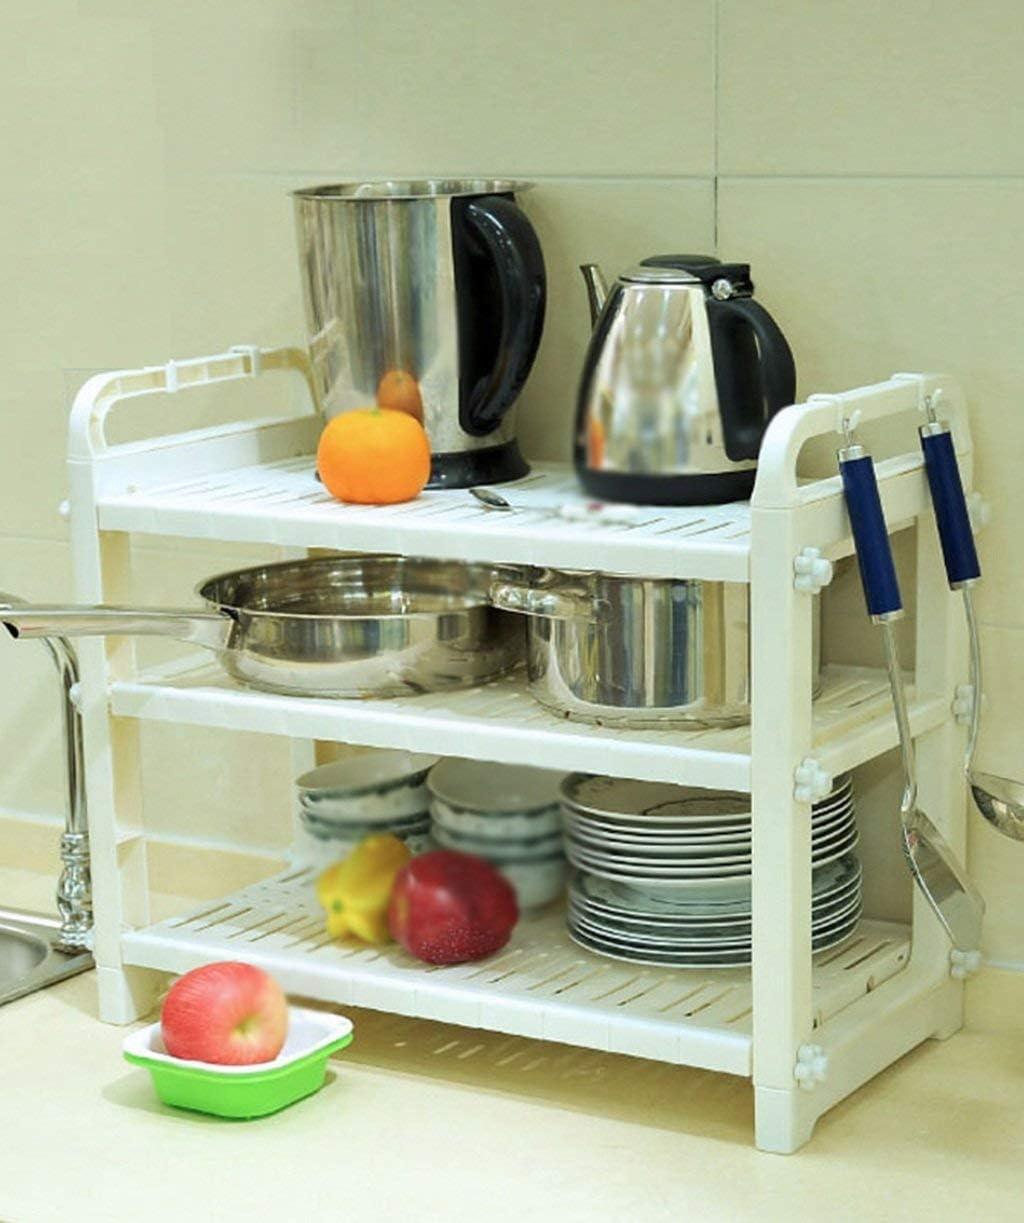 収納棚電子レンジ棚キッチン用品ヘラ収納ラック多機能炊飯器棚キッチン用品グッドライフヘルパーキッチンギフト(色:#3)